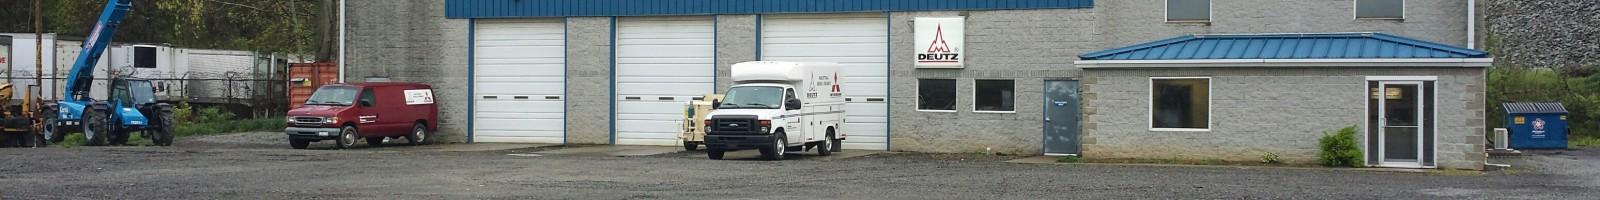 new Stanton Stauffer Diesel inc.